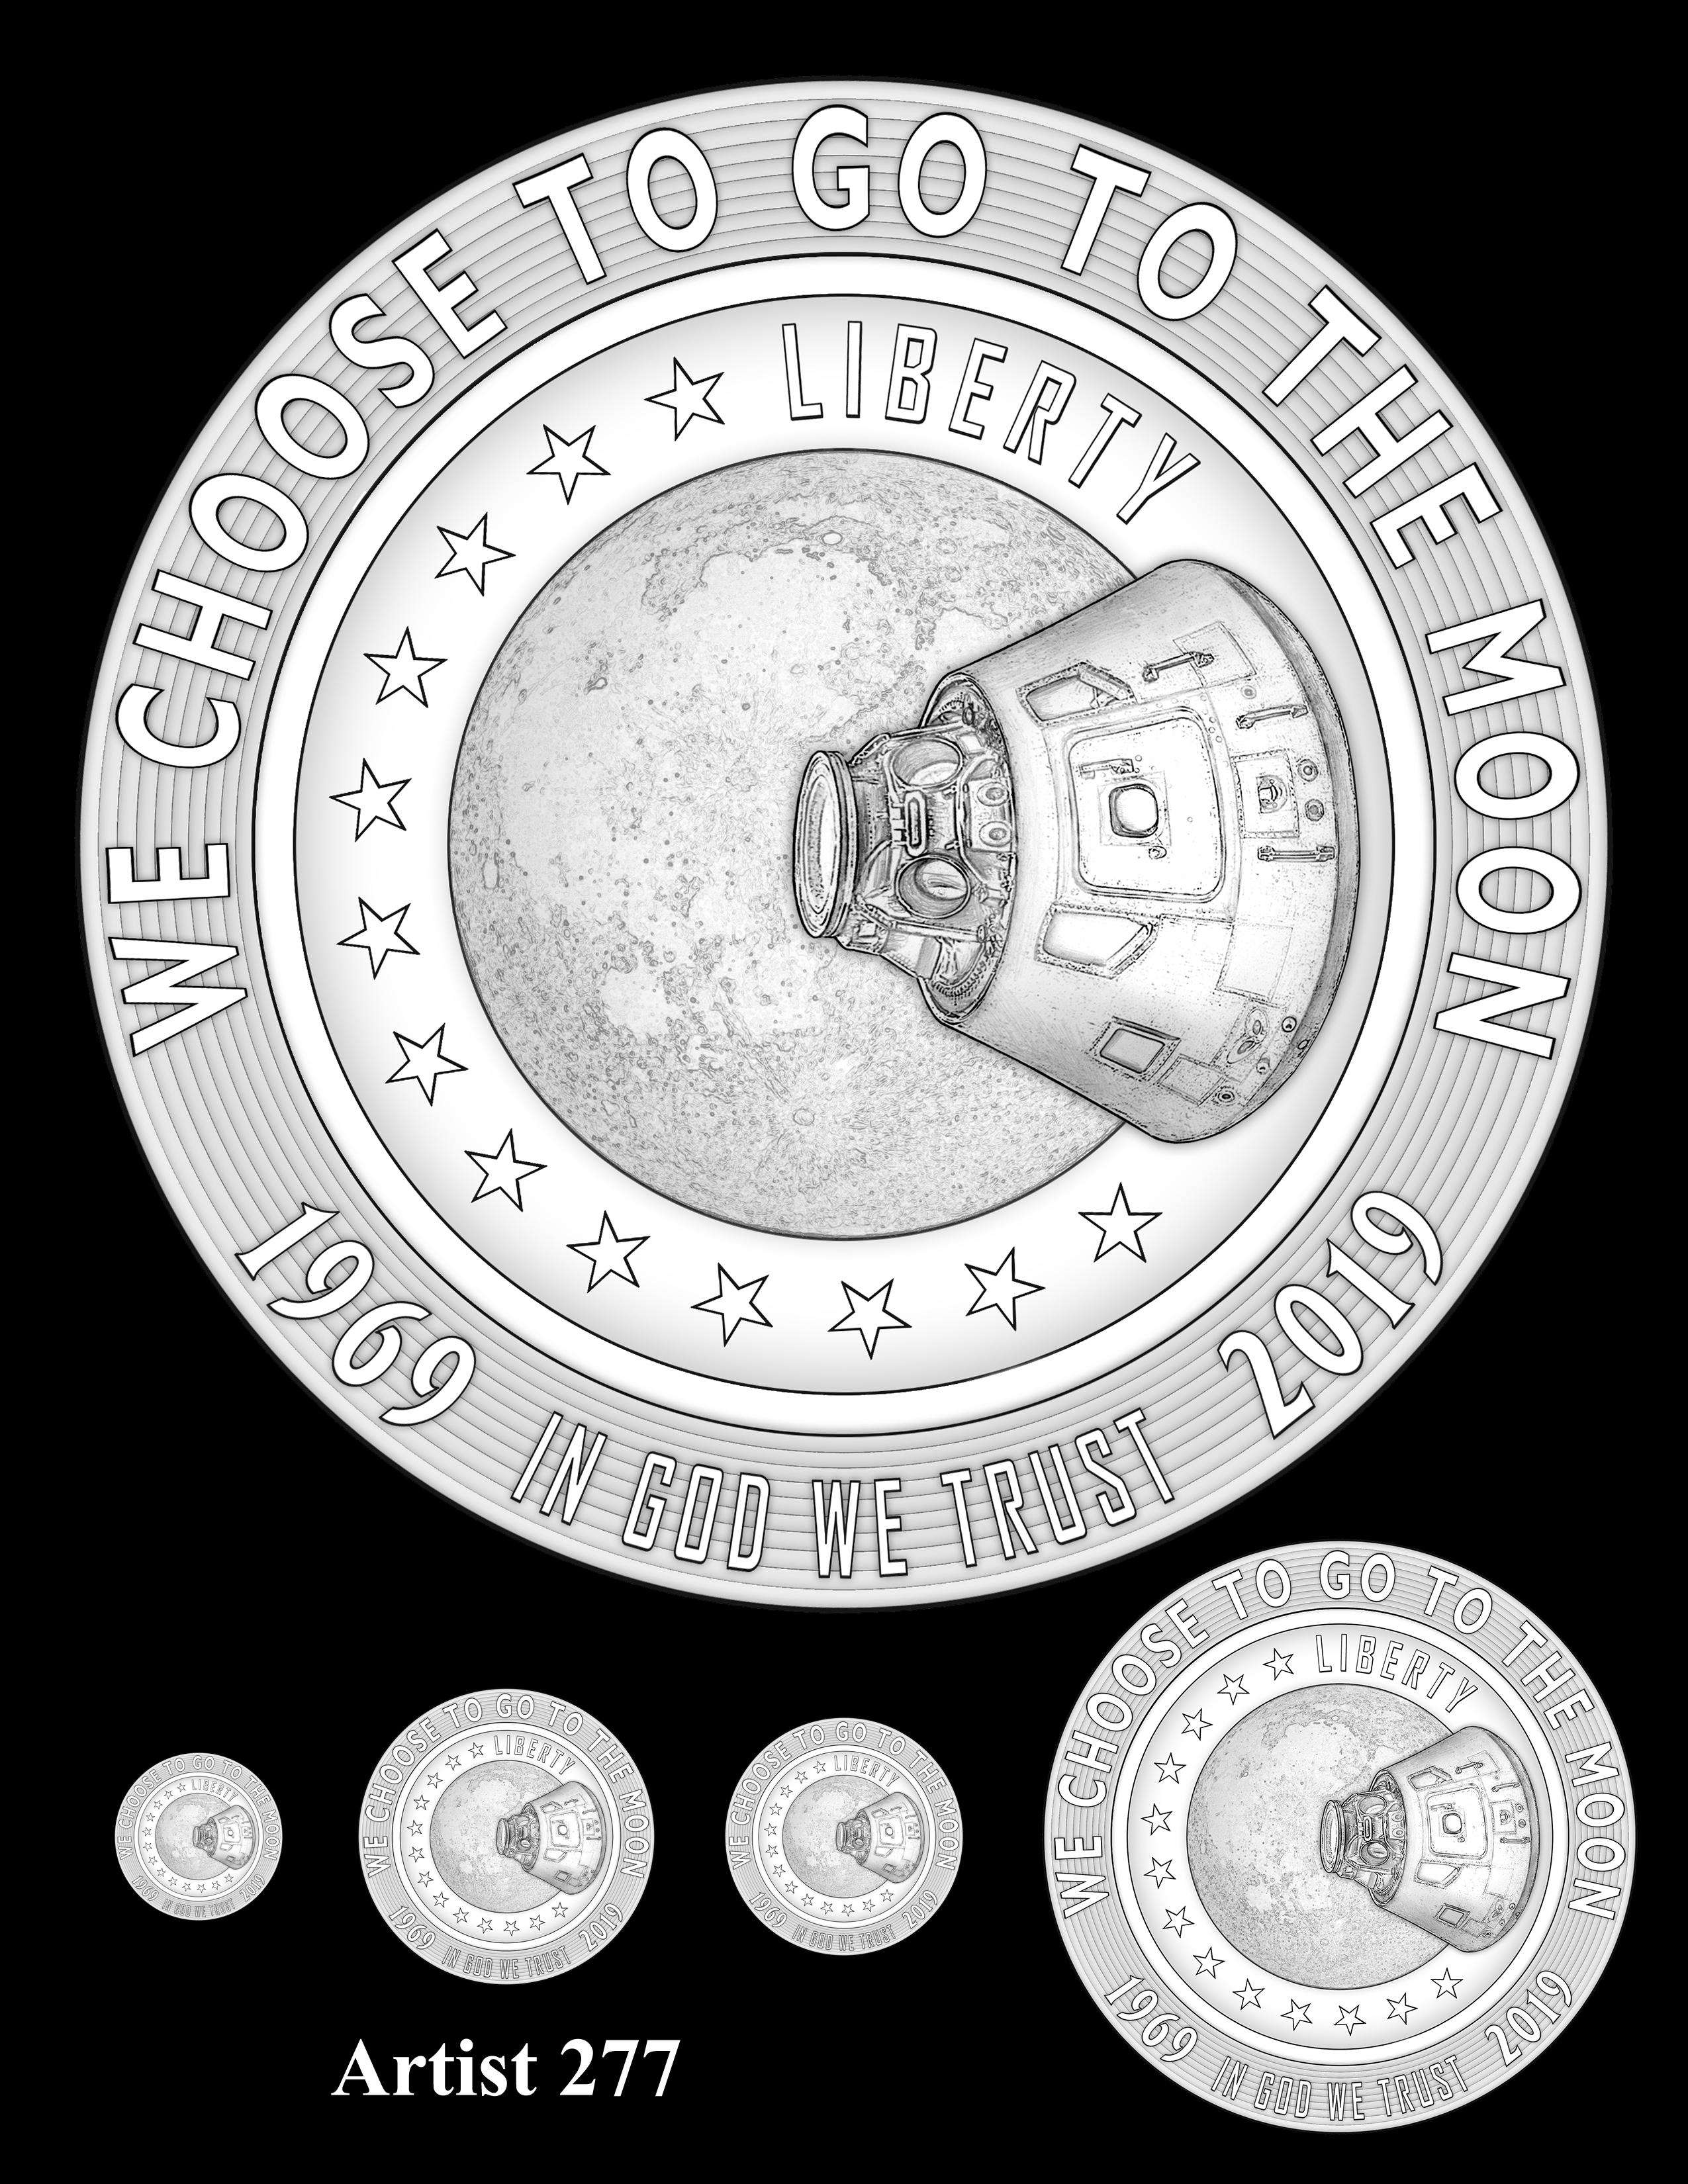 Artist 277 -- Apollo 11 50th Anniversary Commemorative Coin Obverse Design Competition